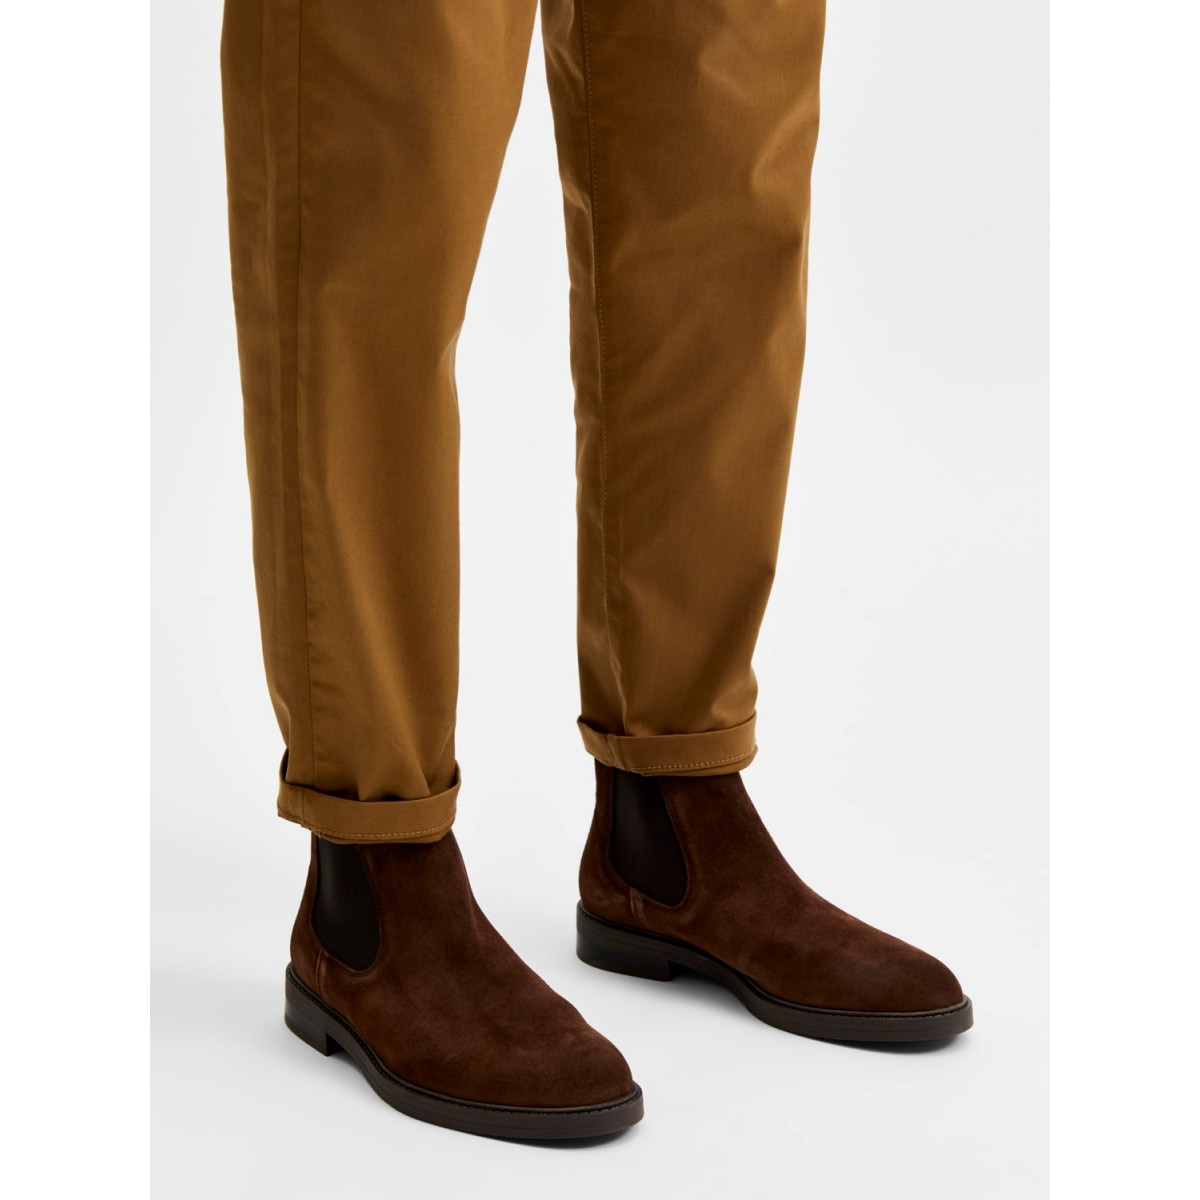 Selected - Boots en daim chocolat pour homme